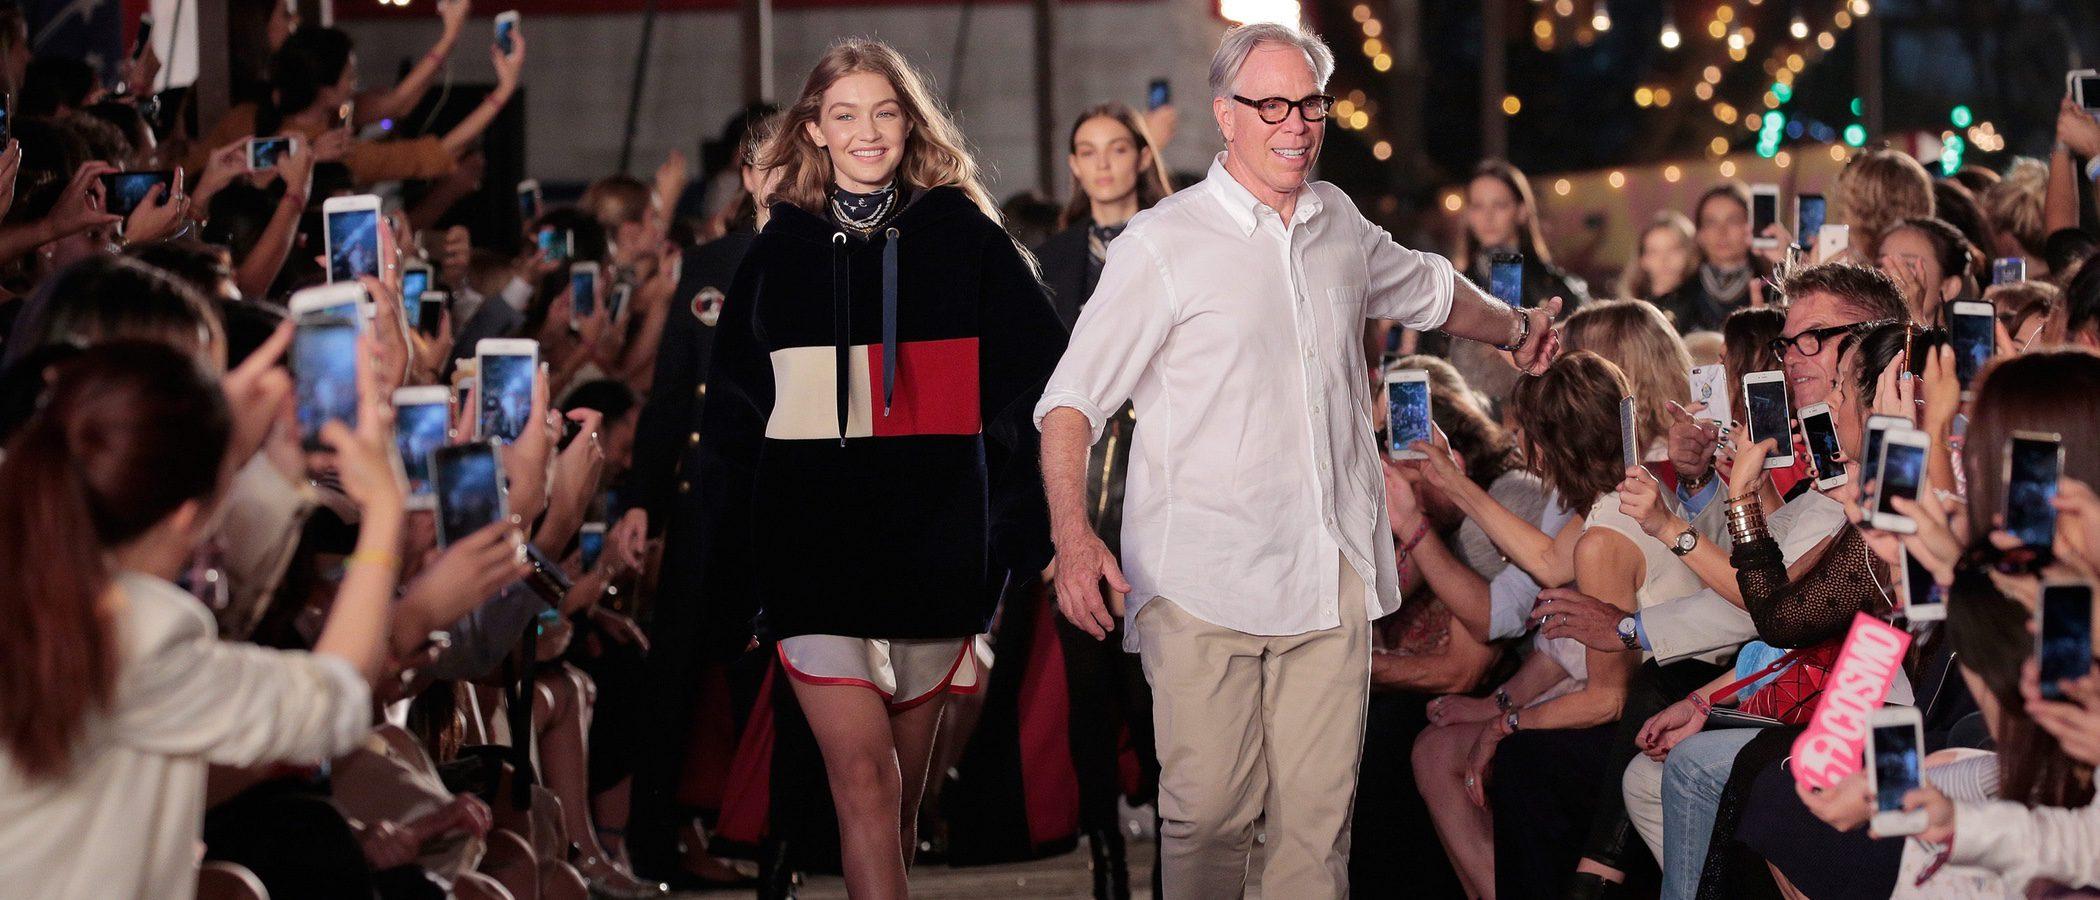 Gigi Hadid vuelve a diseñar para Tommy Hilfiger en primavera/verano 2017 con ayuda del público